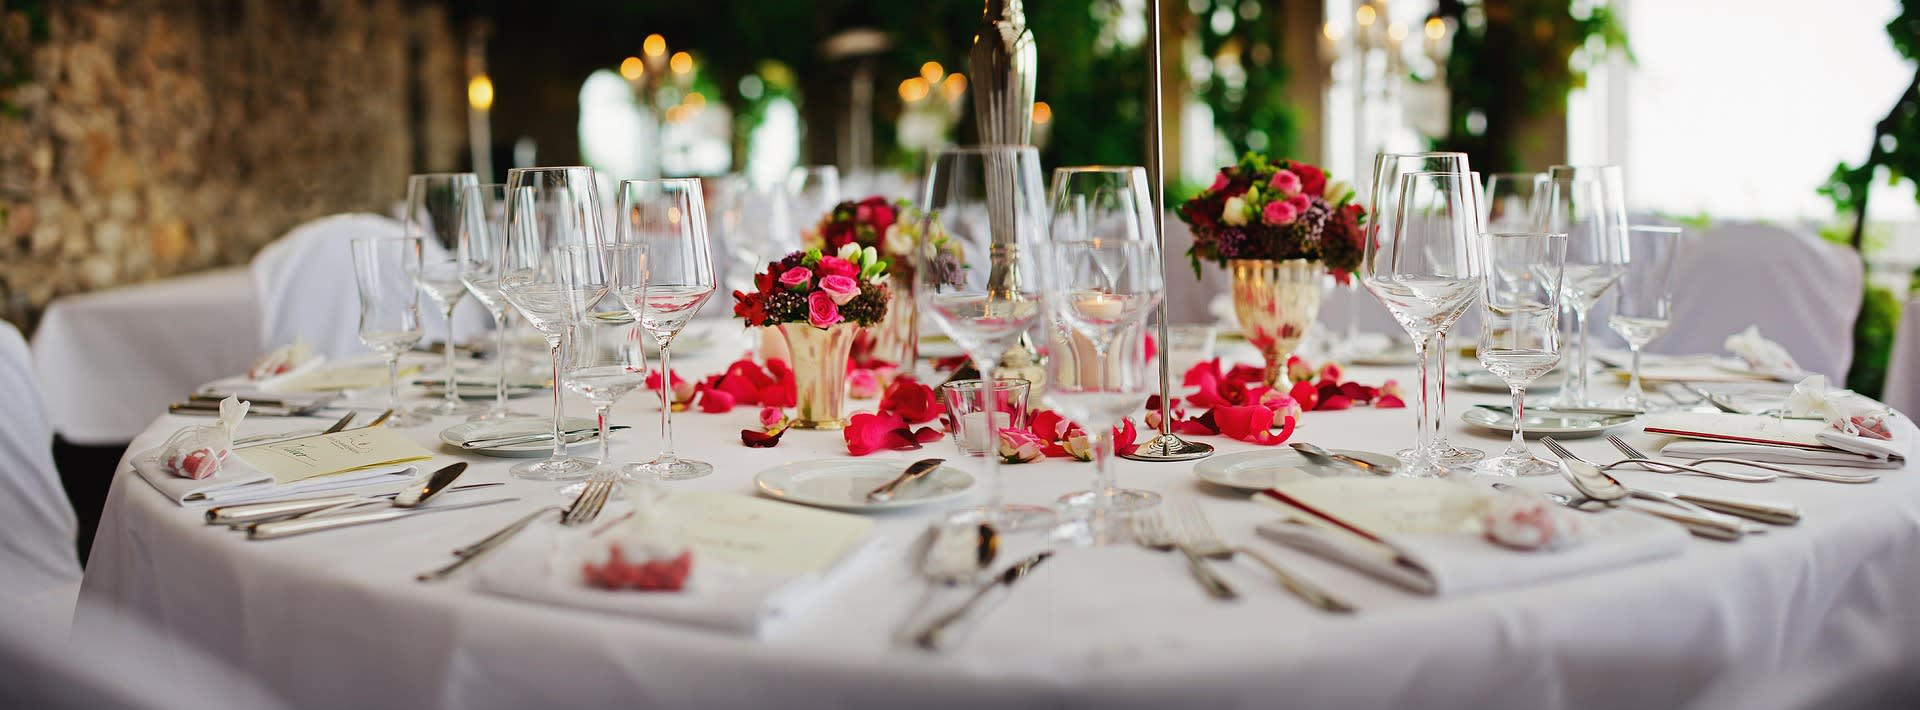 ¿Te casas? Dónde celebrar tu boda, cómo y cuándo reservar